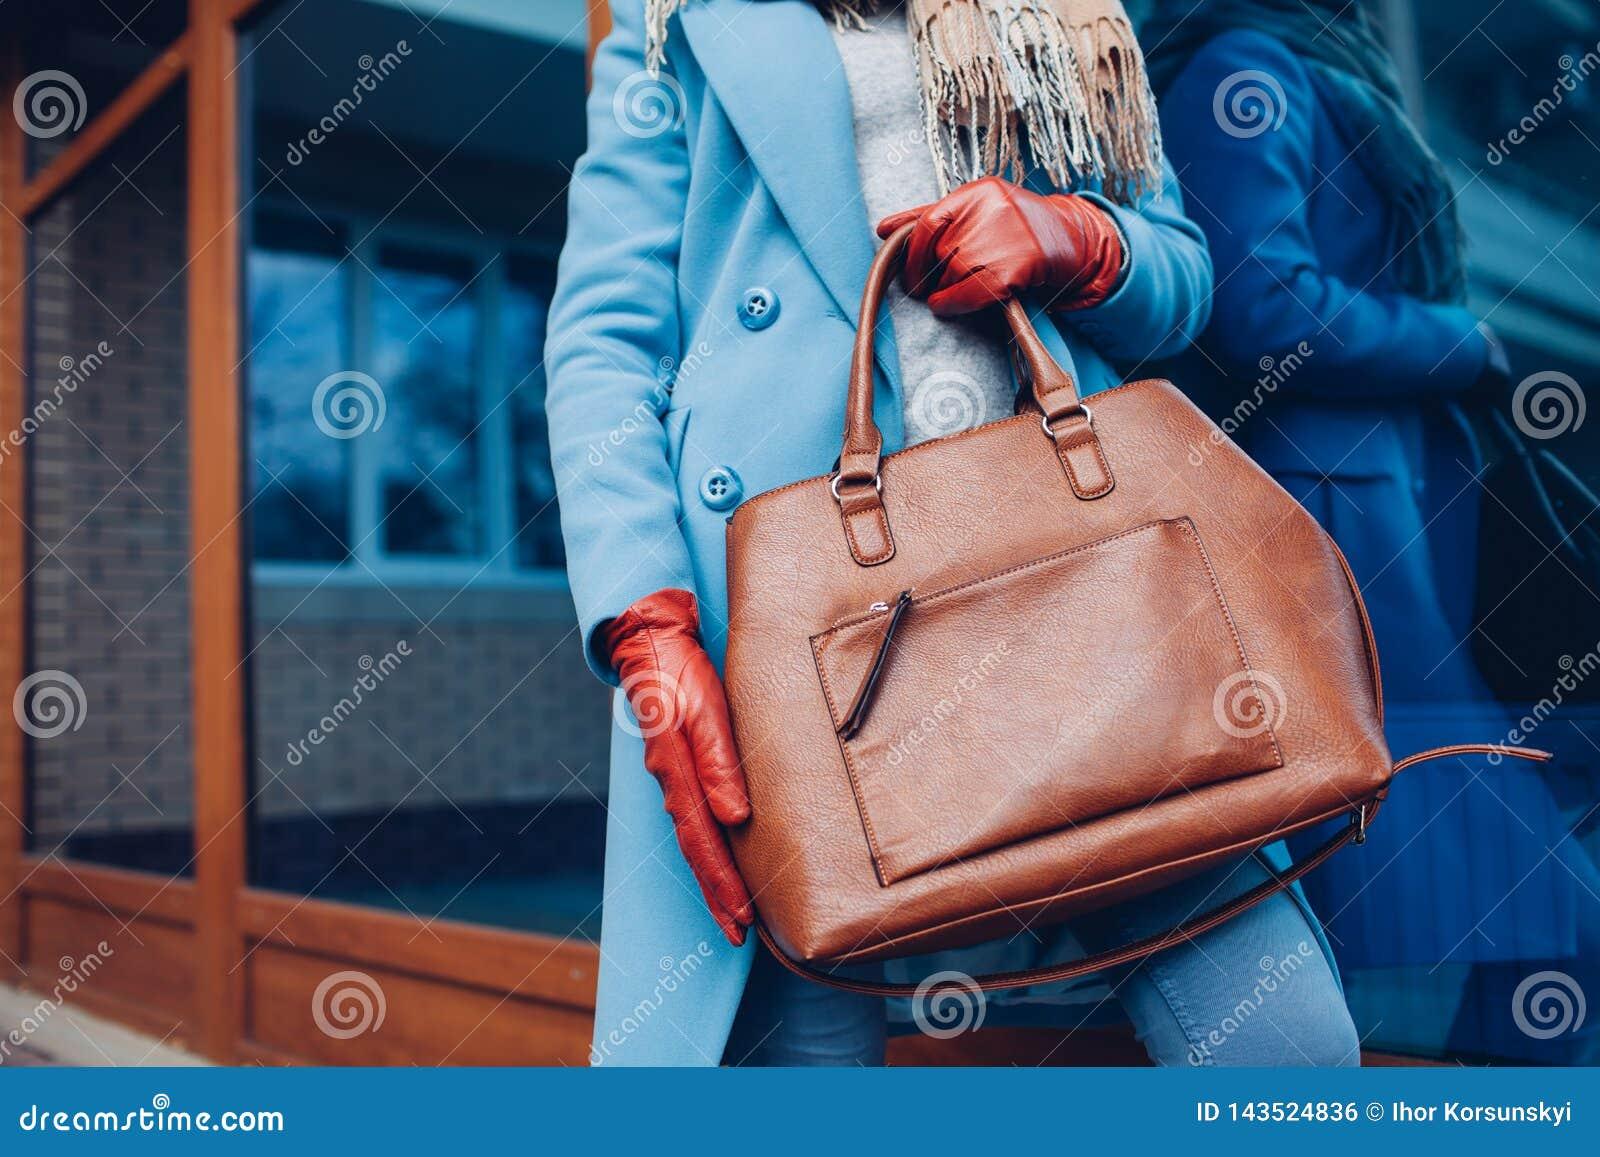 Belleza y moda Capa que lleva elegante y guantes de la mujer de moda, sosteniendo el bolso marrón del bolso